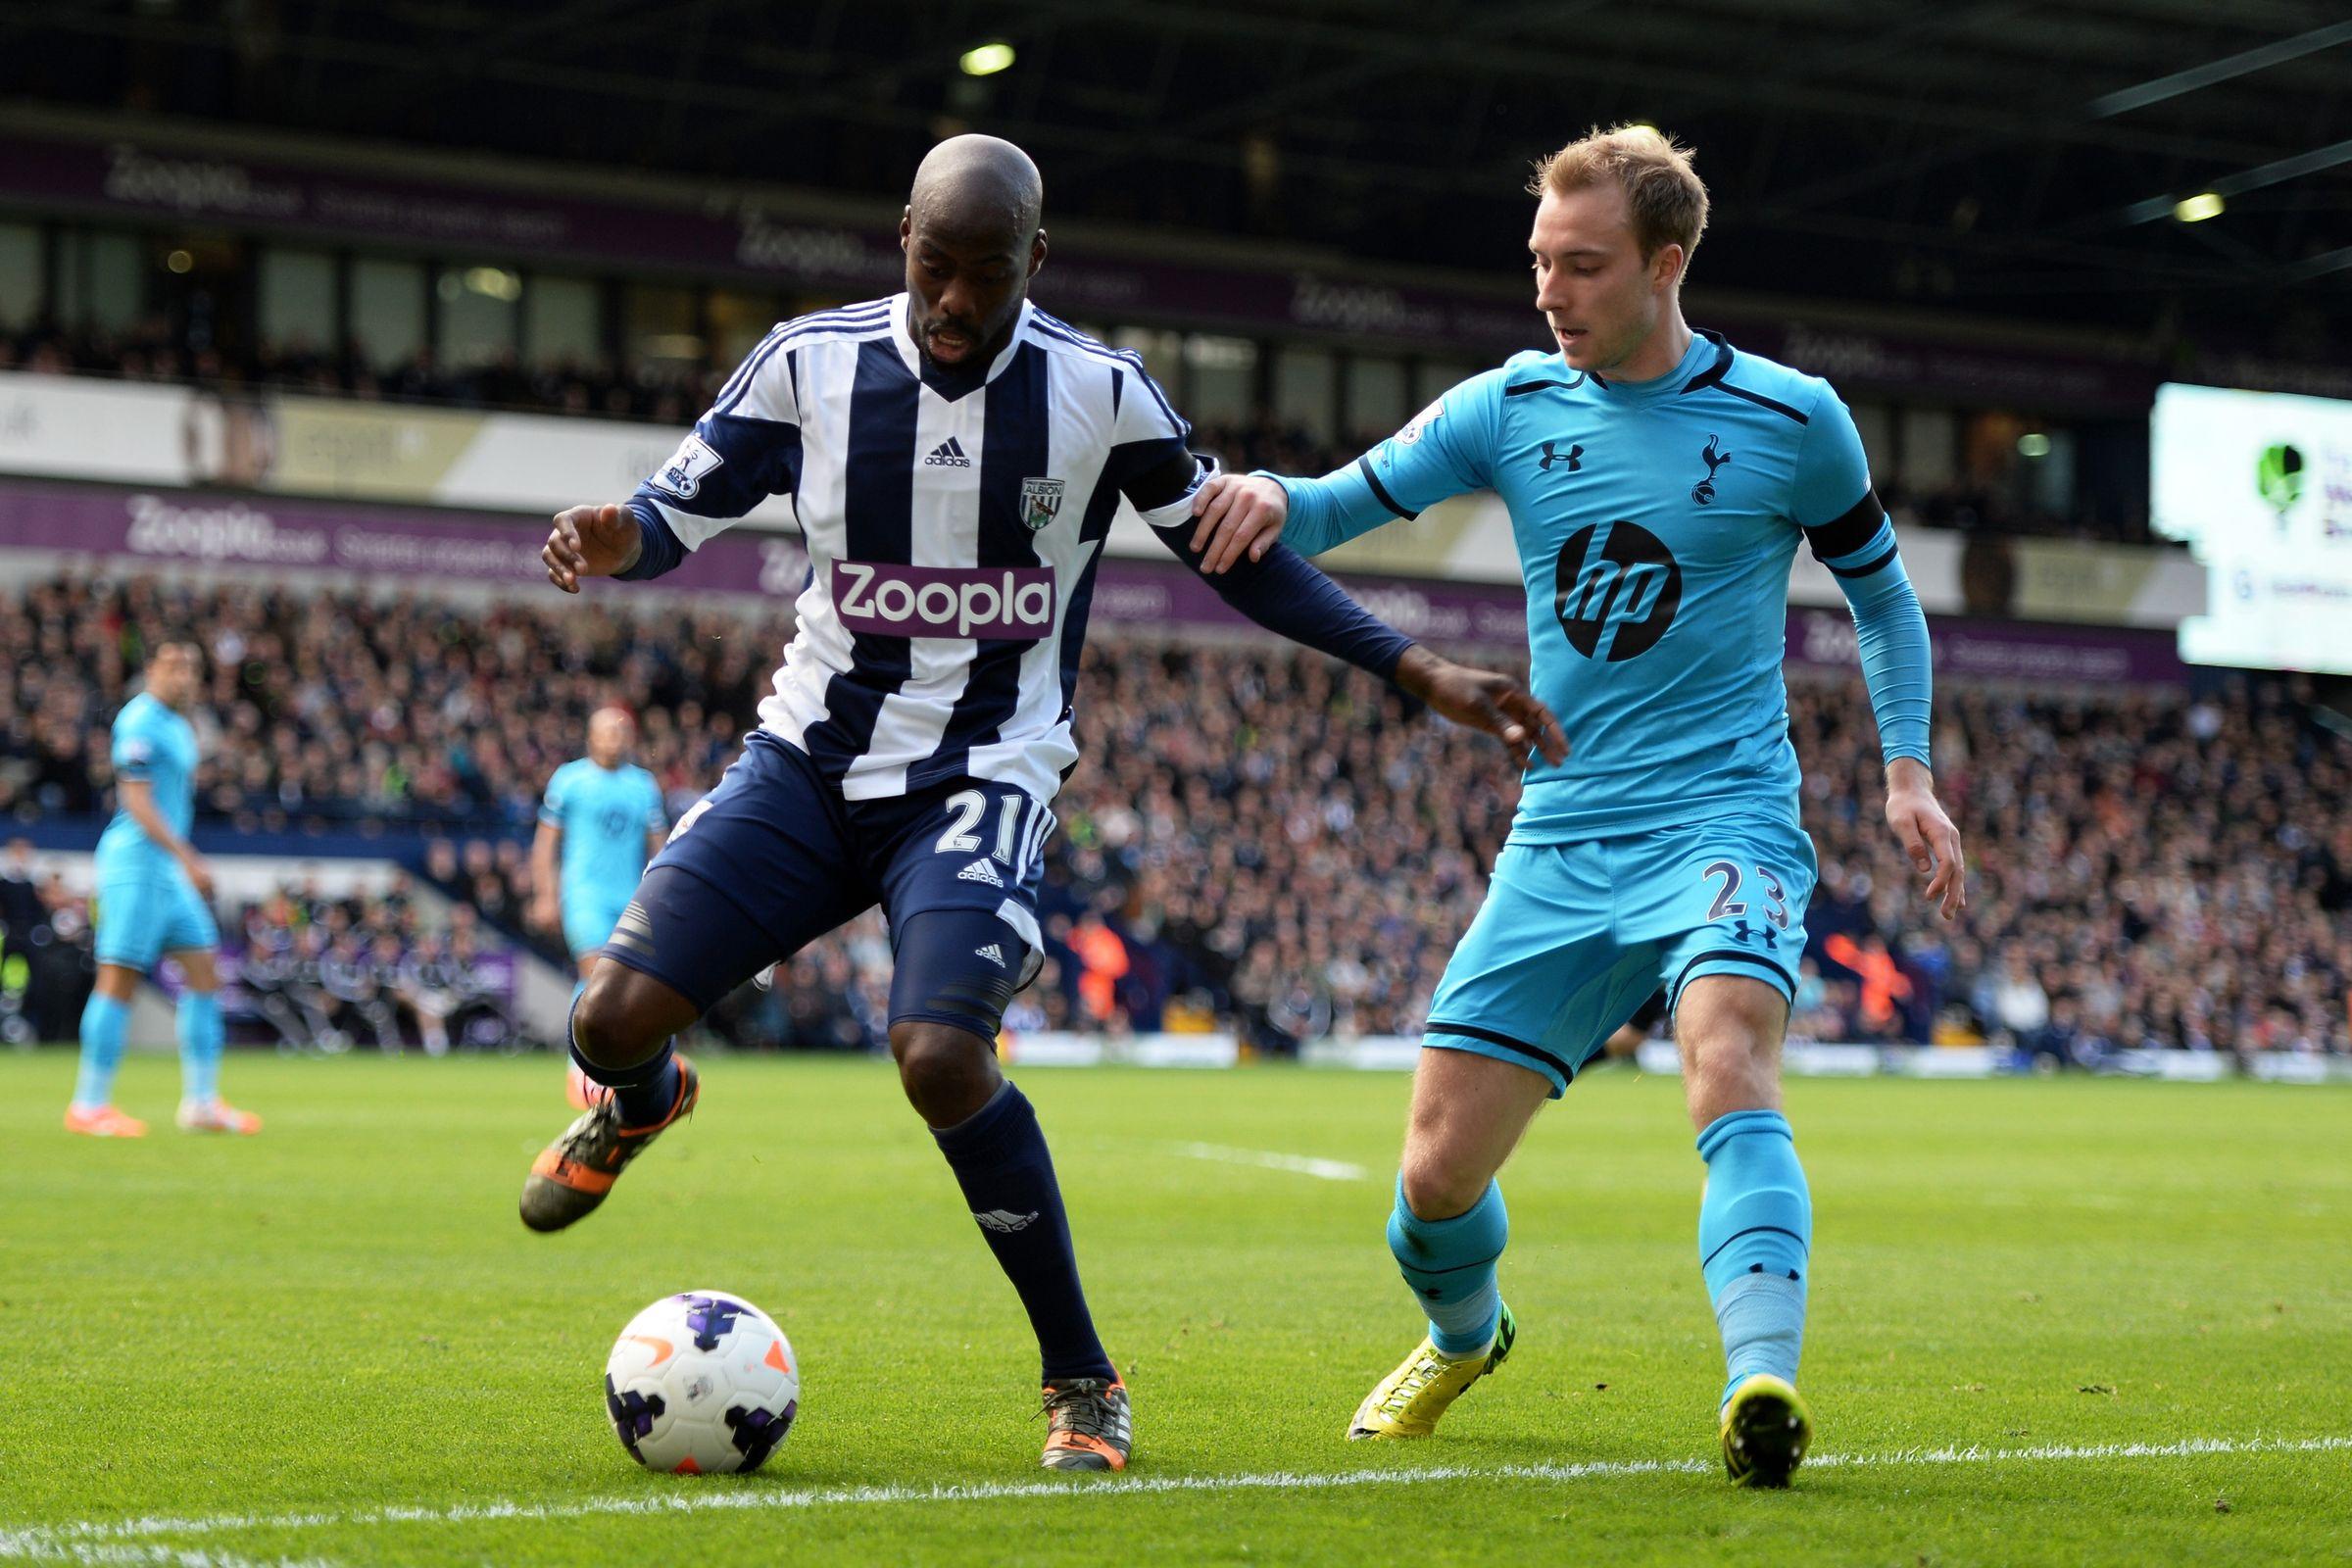 Ponturi pariuri – West Bromwich Albion vs Tottenham Hotspur – Premier League